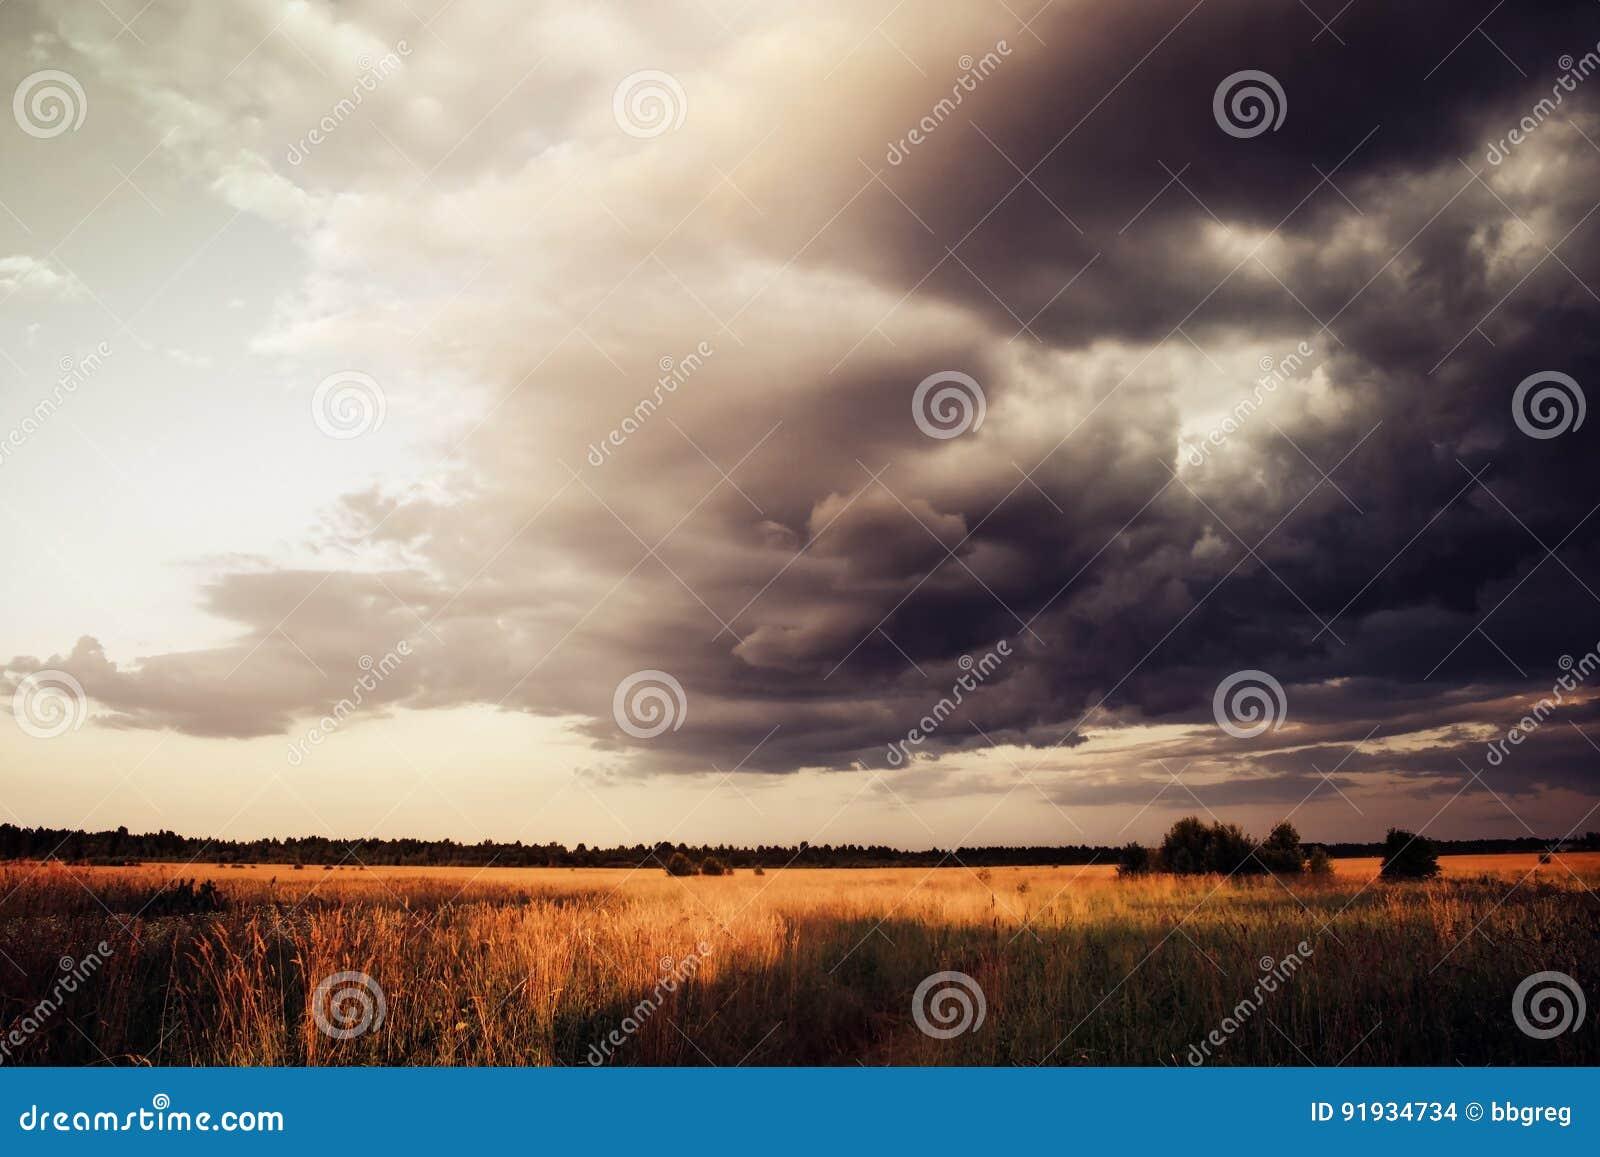 Vetefält under dramatisk himmel med mörkermoln, annalkande åskväder, sommarlandskap